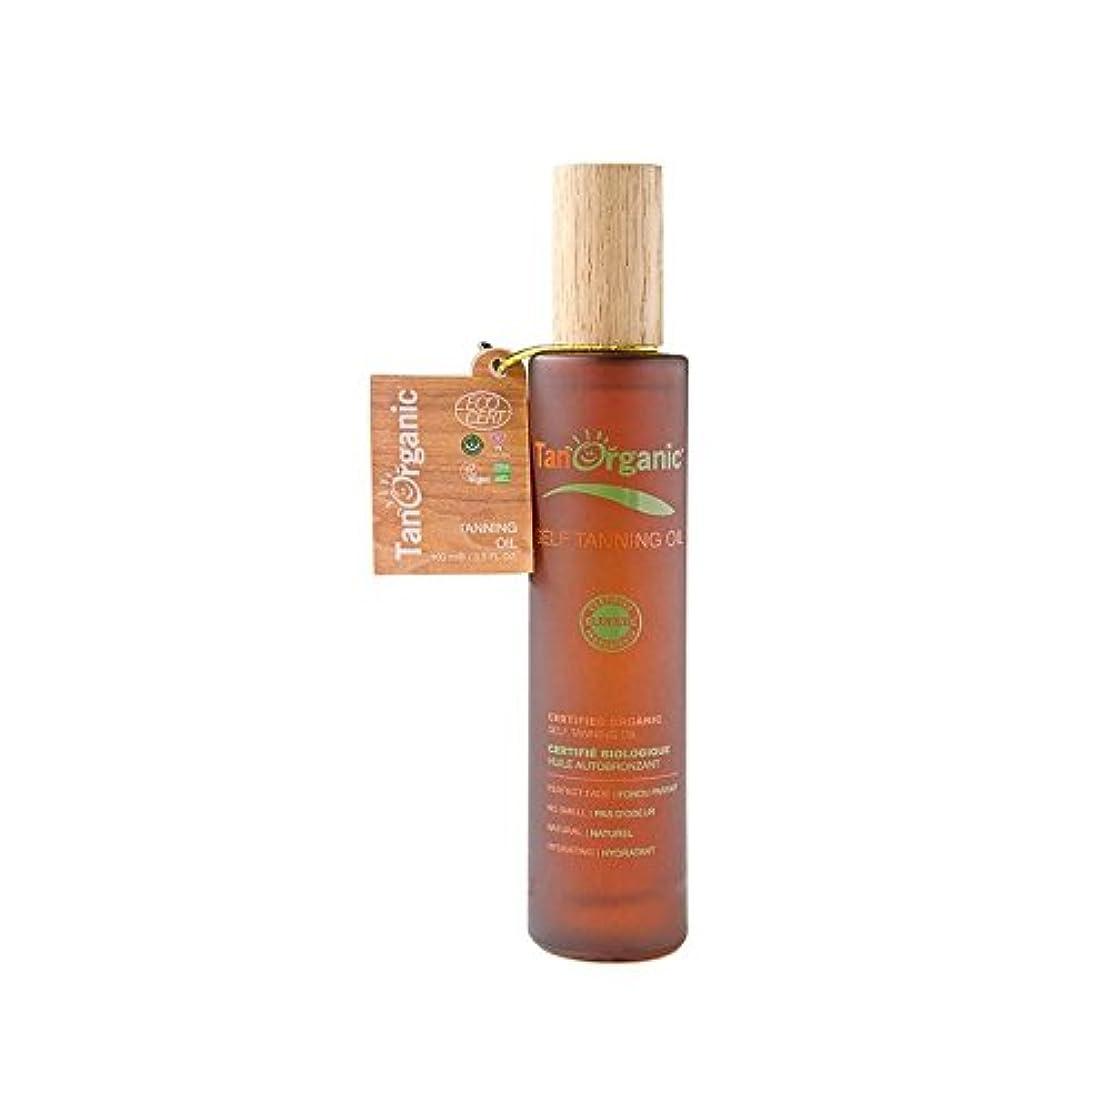 夫会話型高いTanorganic自己日焼け顔&ボディオイル (Tan Organic) (x 4) - TanOrganic Self-Tan Face & Body Oil (Pack of 4) [並行輸入品]